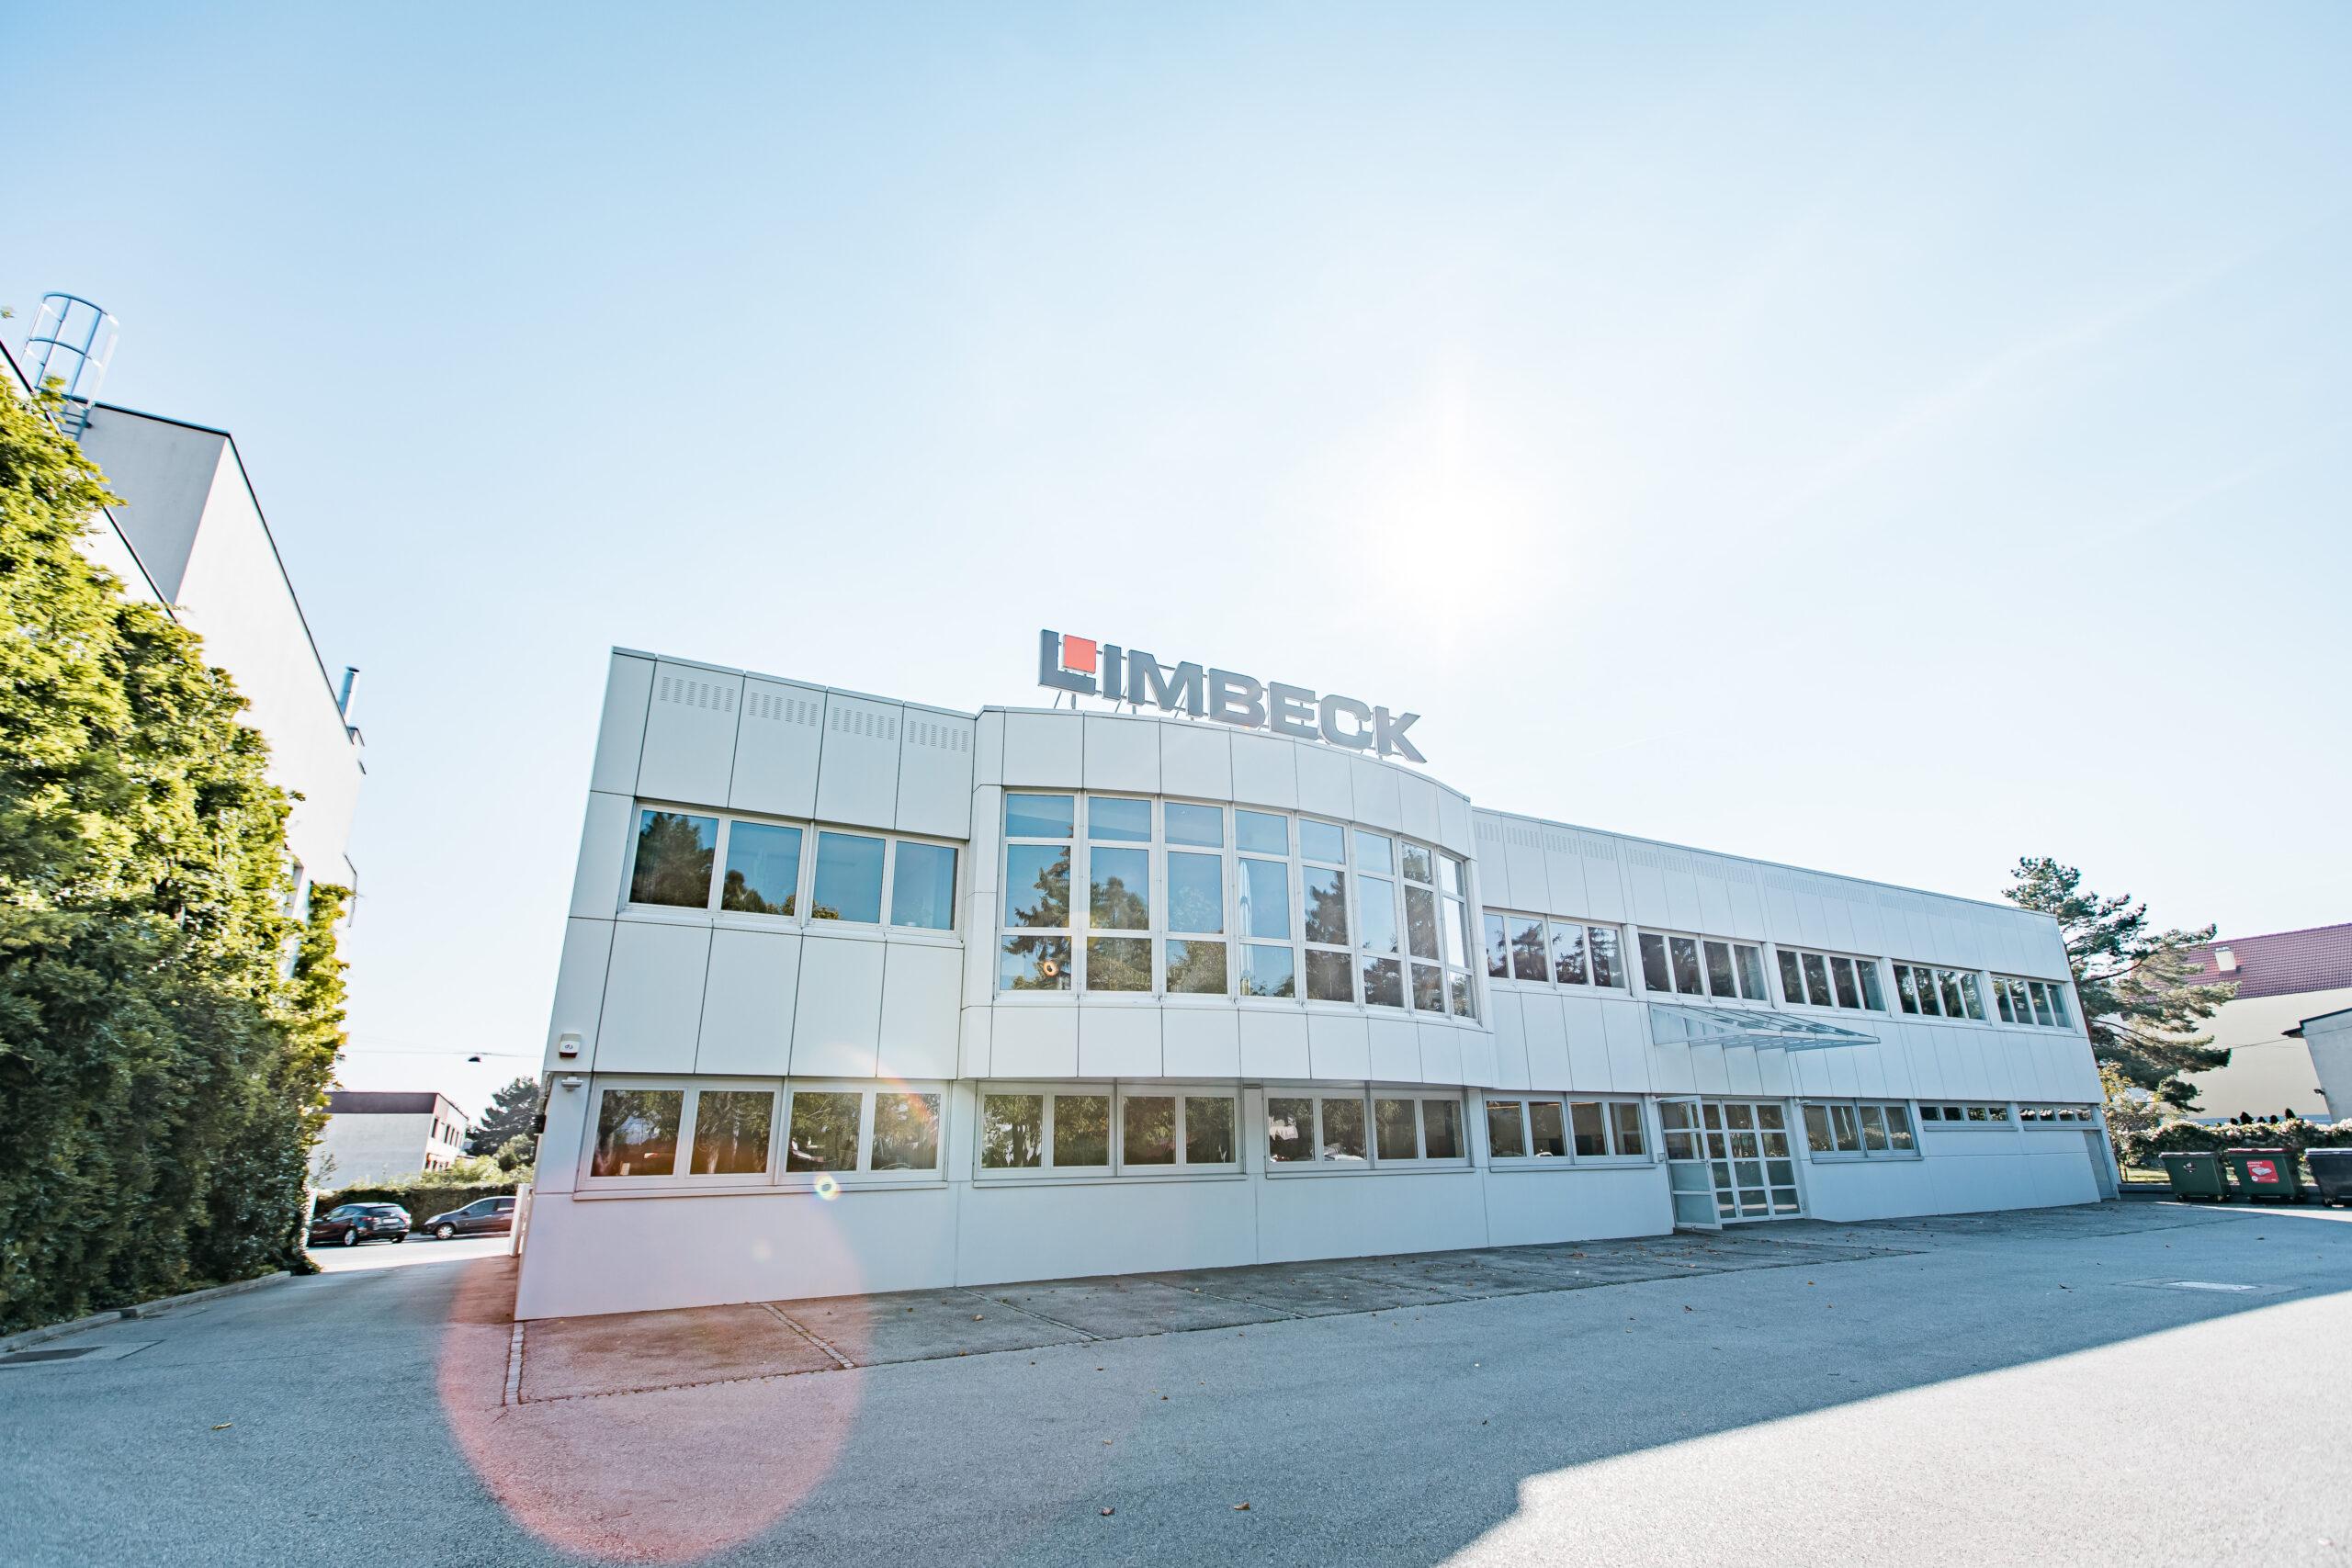 Die LIMBECK Firmenzentrale in der Ganghofergasse 22 in 1110 Wien